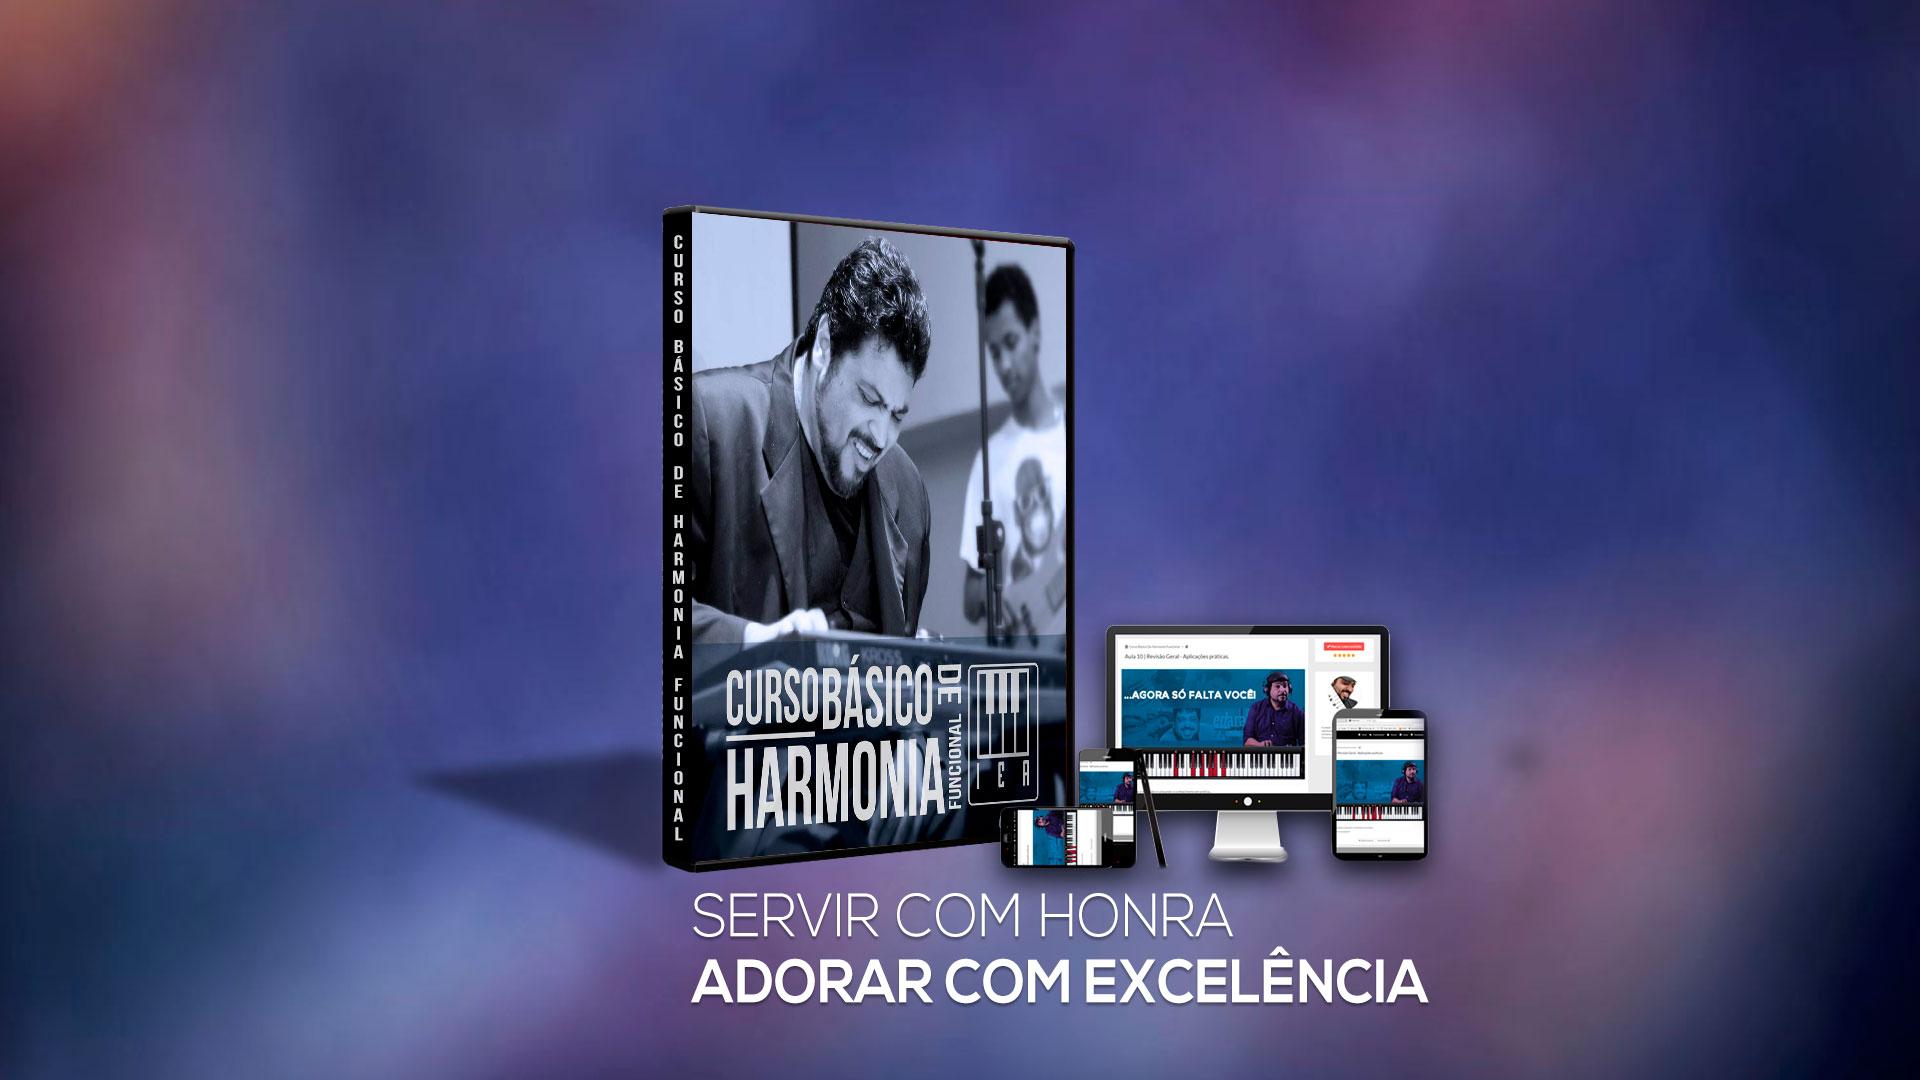 Cursos | Ed Araújo